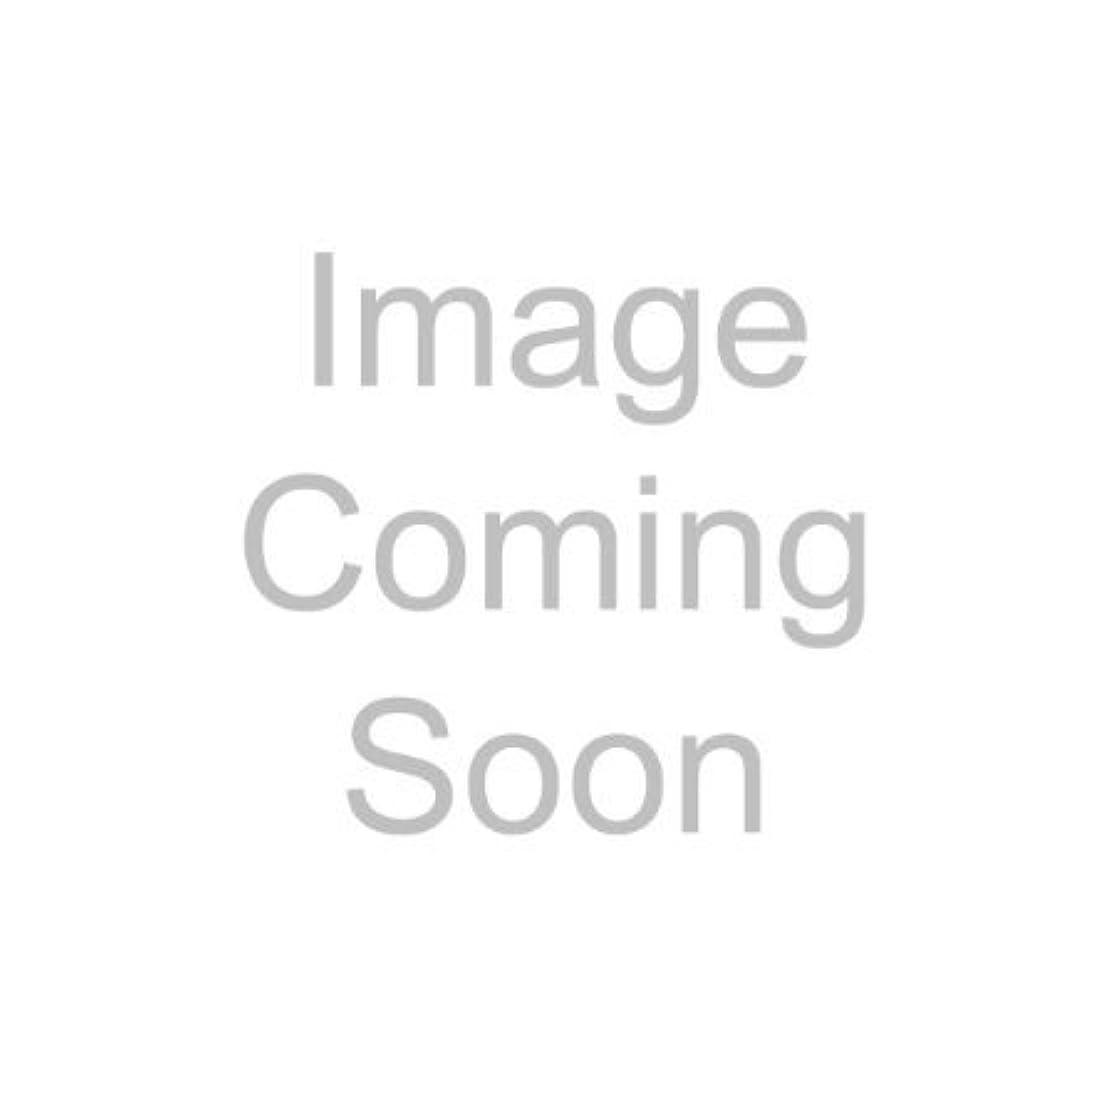 恐ろしい同等の発掘するエリザベスアーデン ビジブル ホワイトニング メラニン コントロール ナイトカプセル トラベルセット 17.2mlx3(37カプセルx3) [並行輸入品]